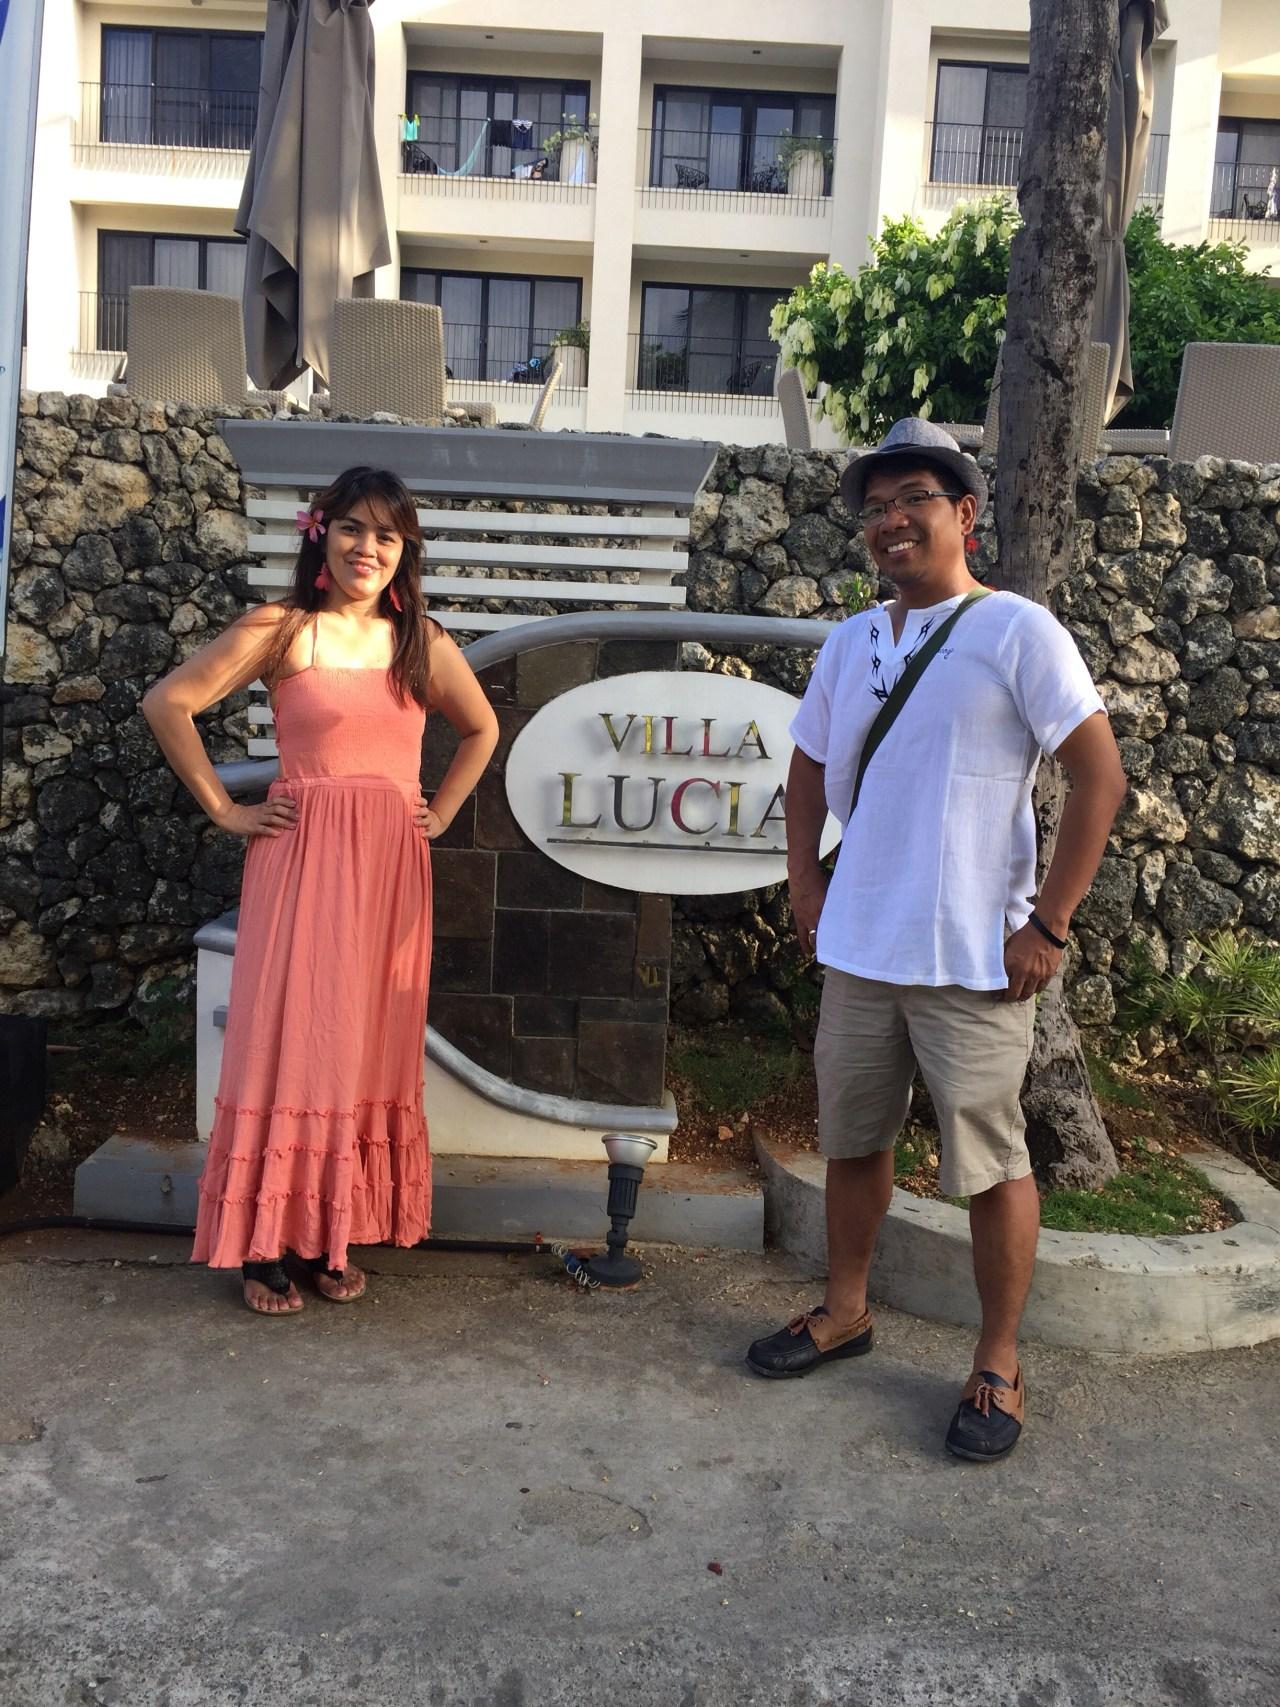 Villa lucia sign